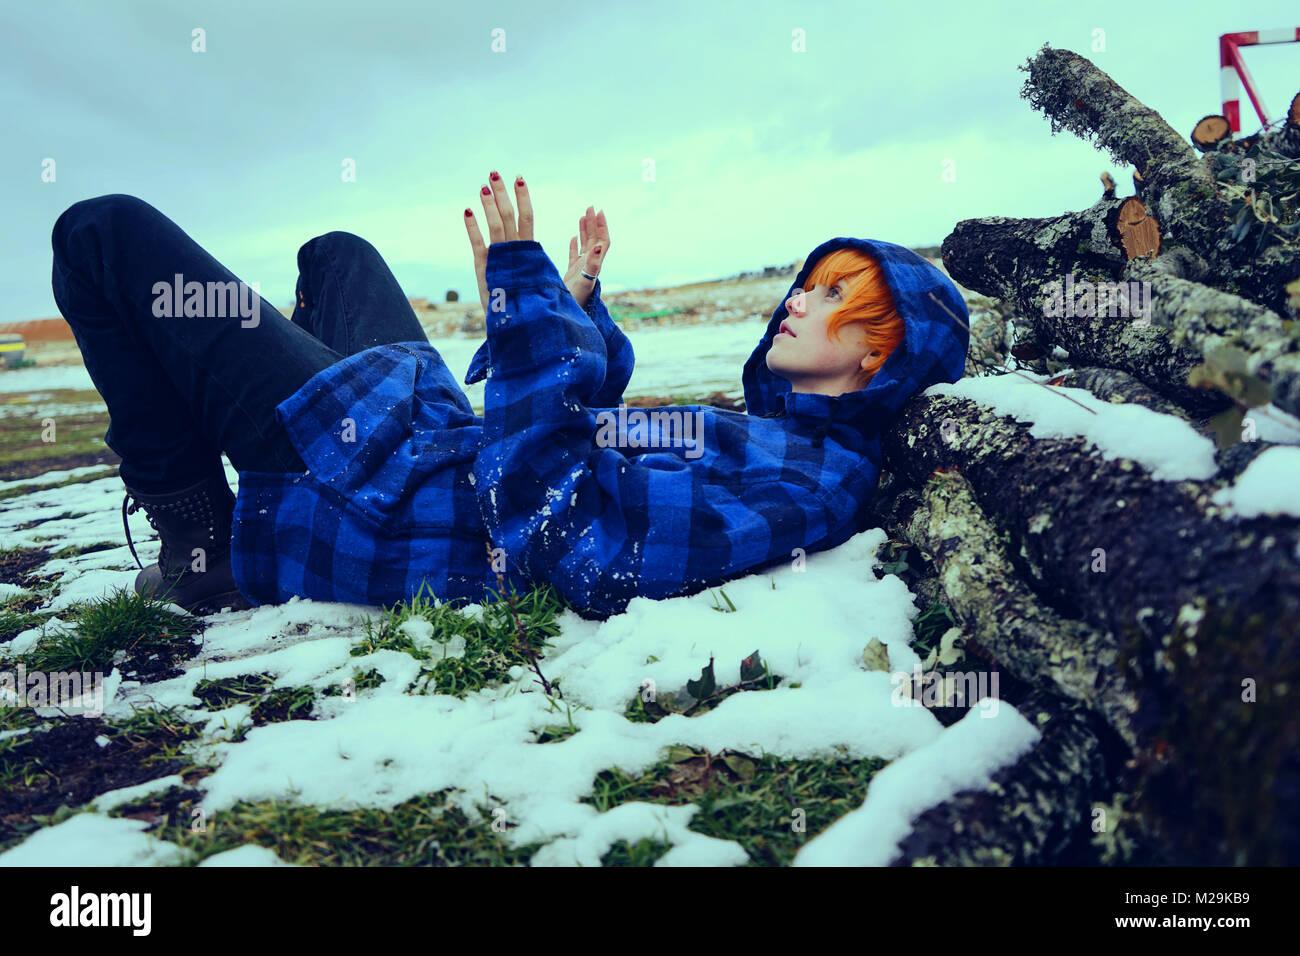 Adolescente, en un día frío y nevoso Imagen De Stock